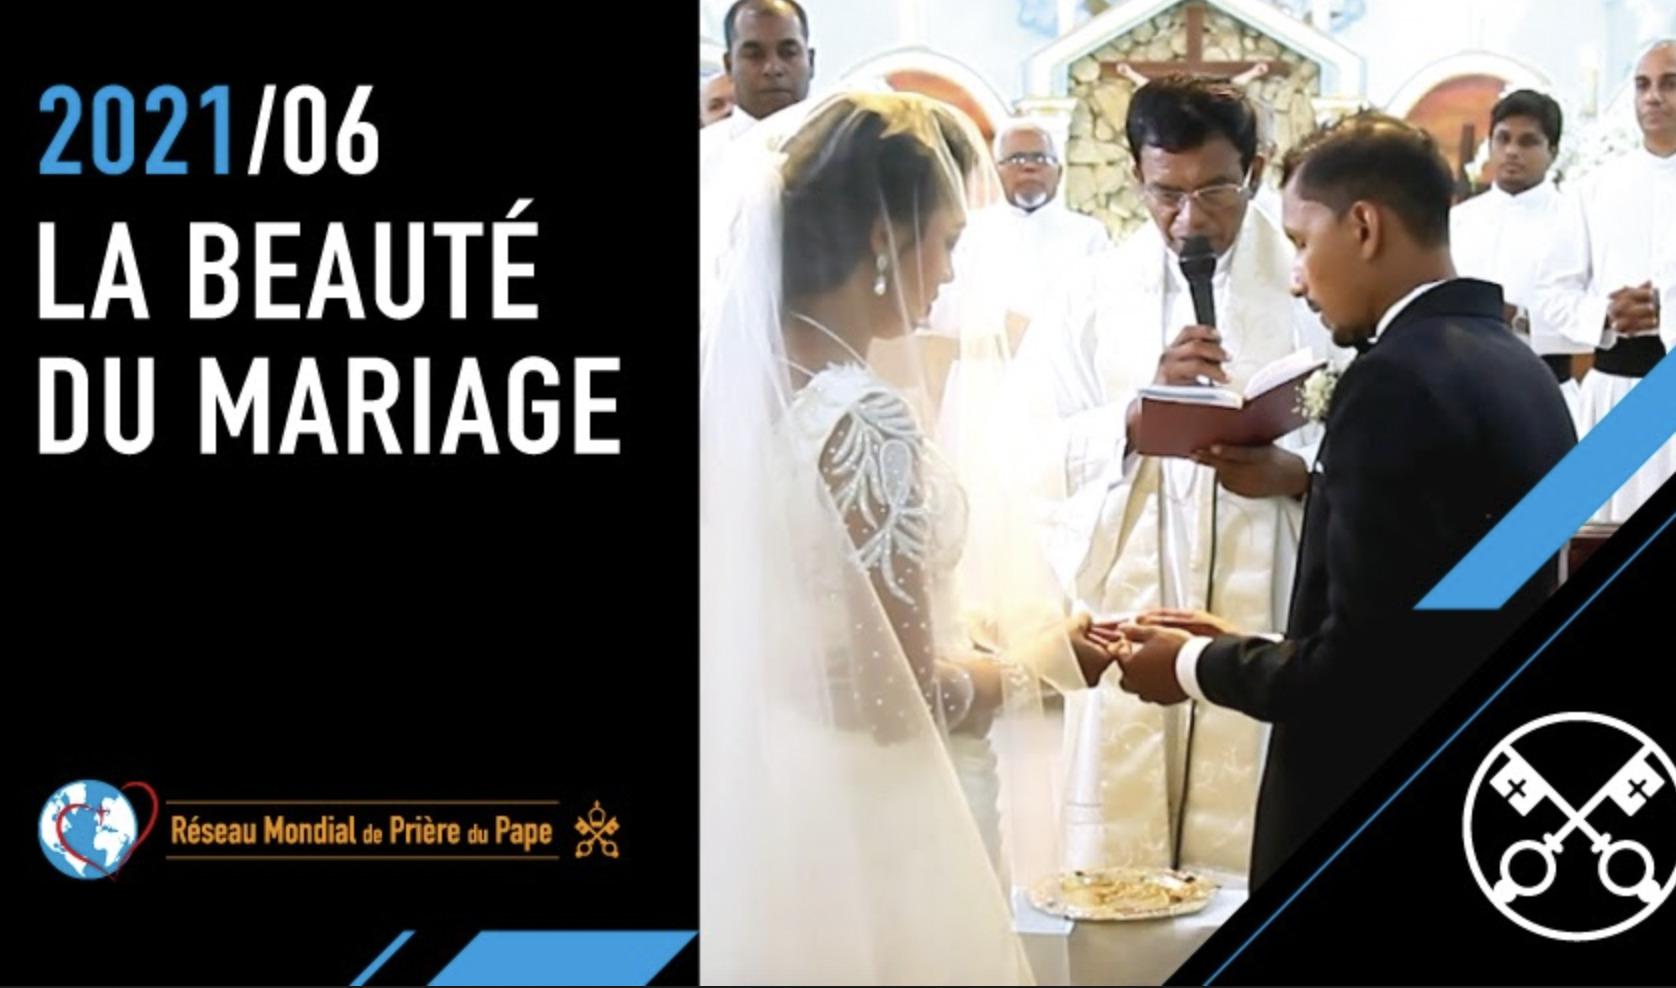 Le mariage, intention de prière de juin 2021